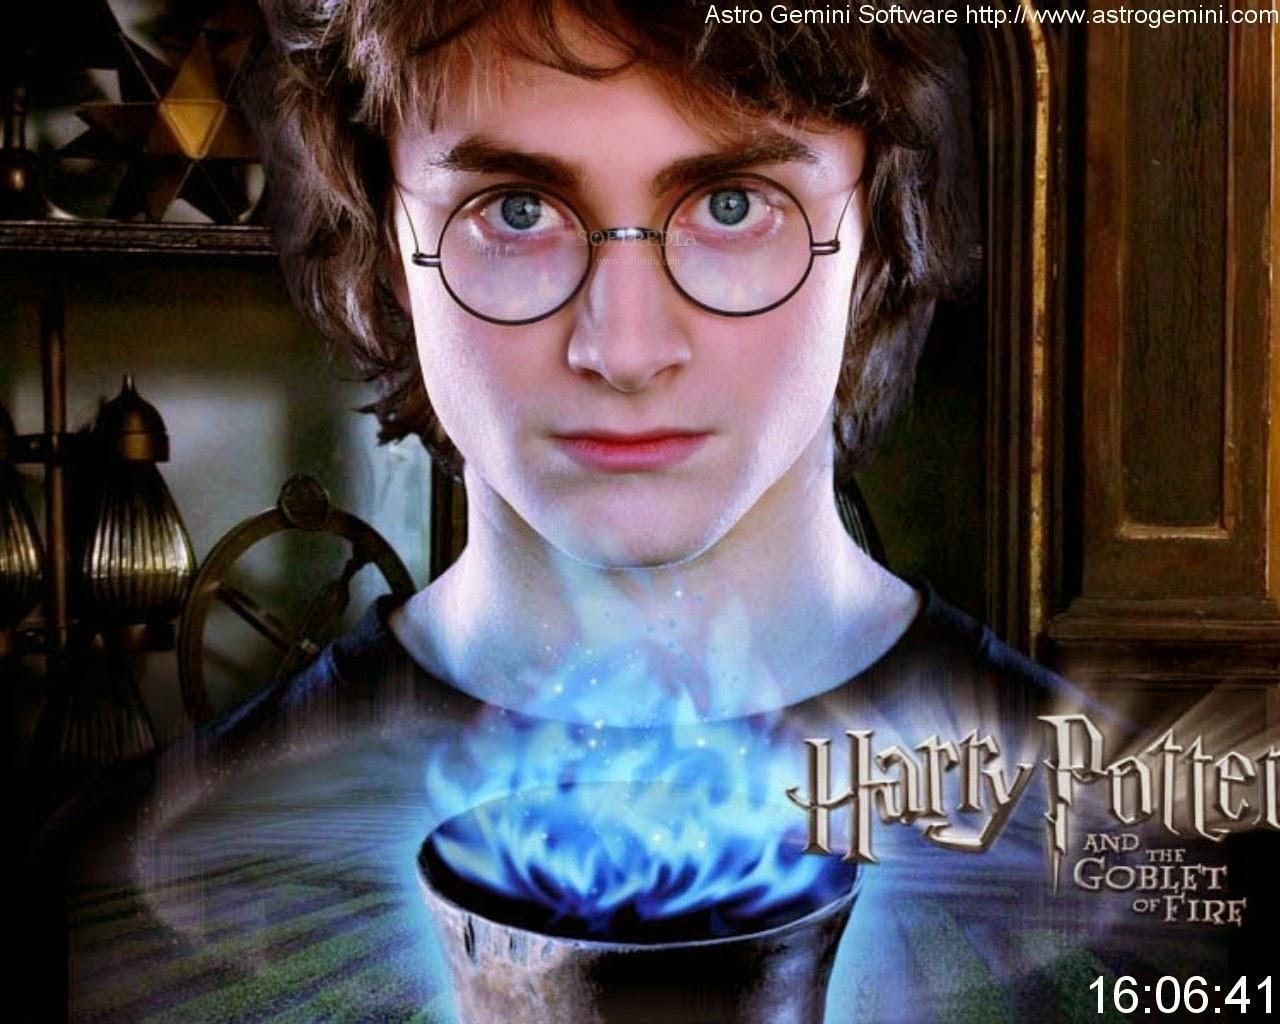 hình nền harry potter đẹp nhất